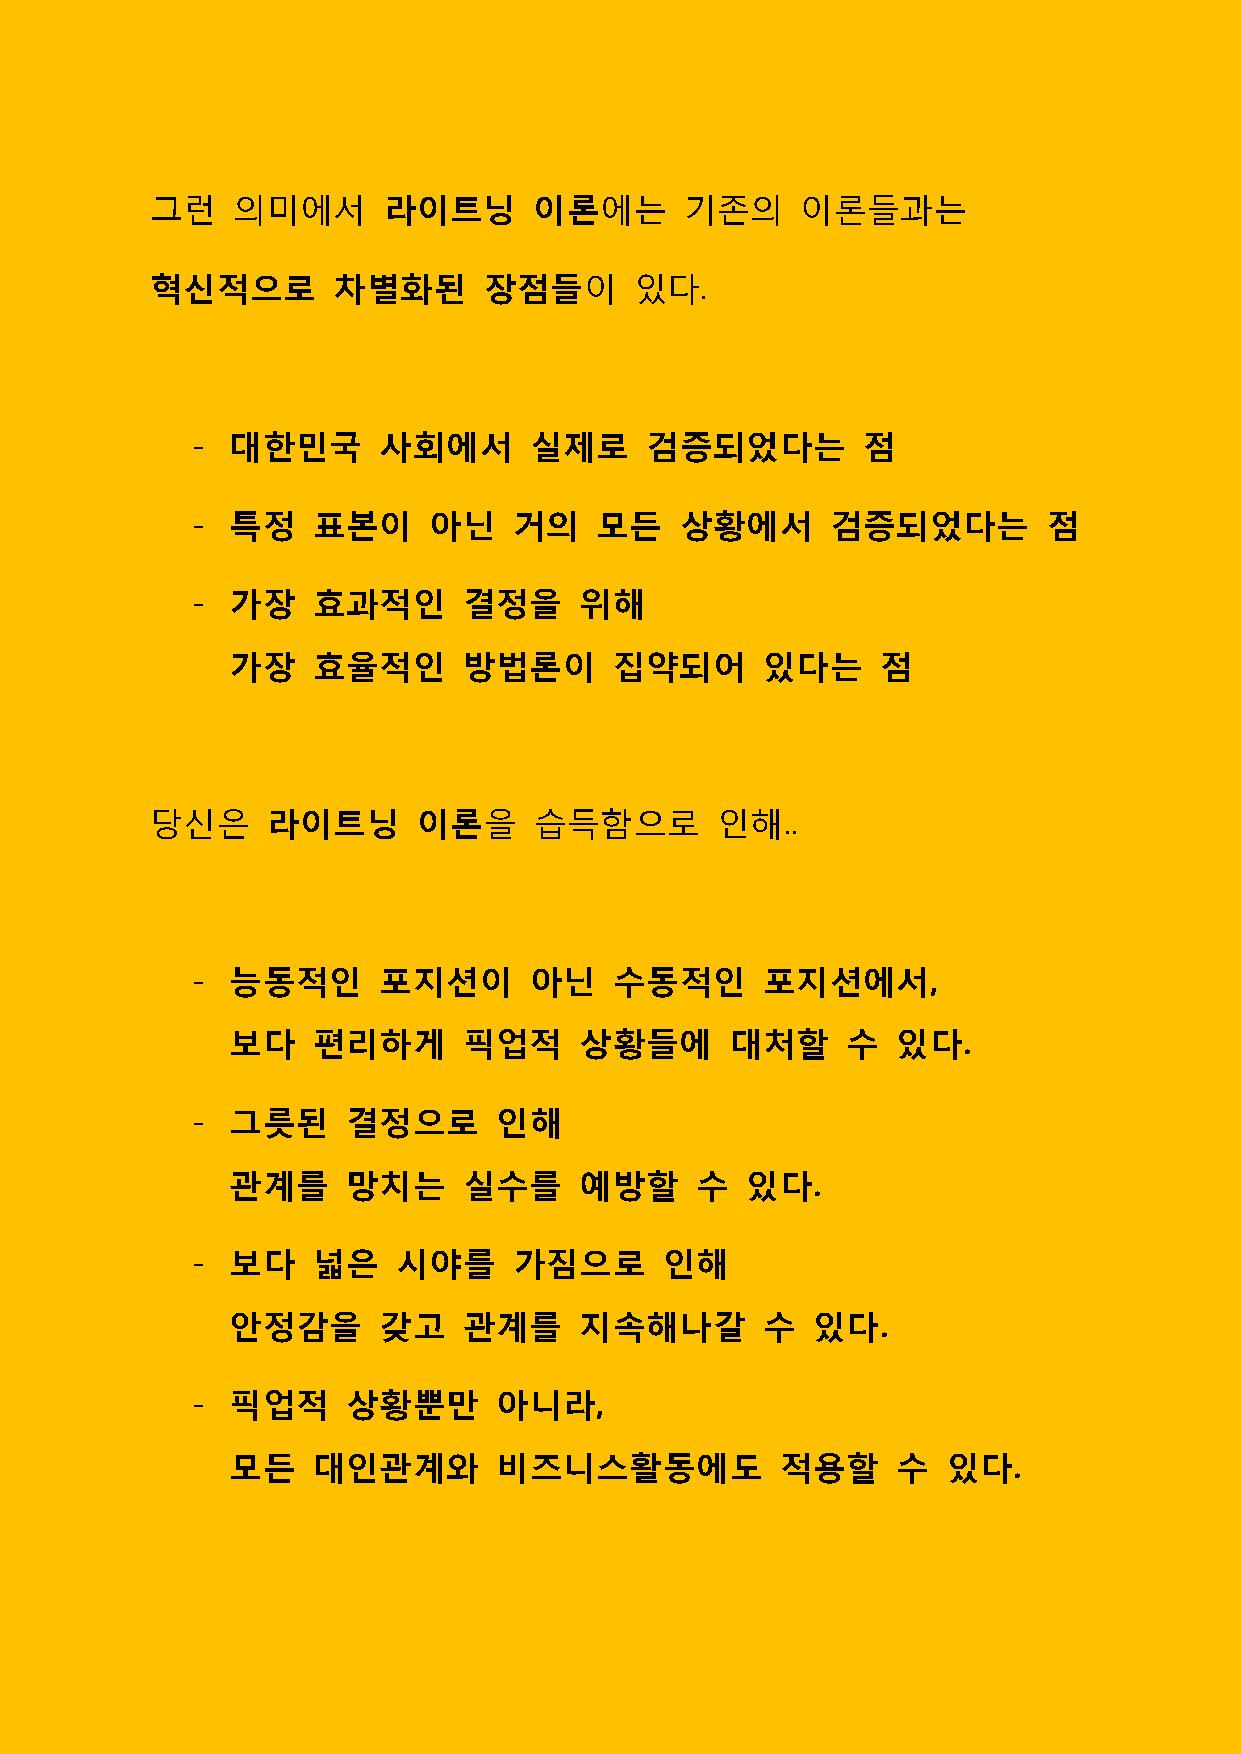 라이트닝_Page_16.png